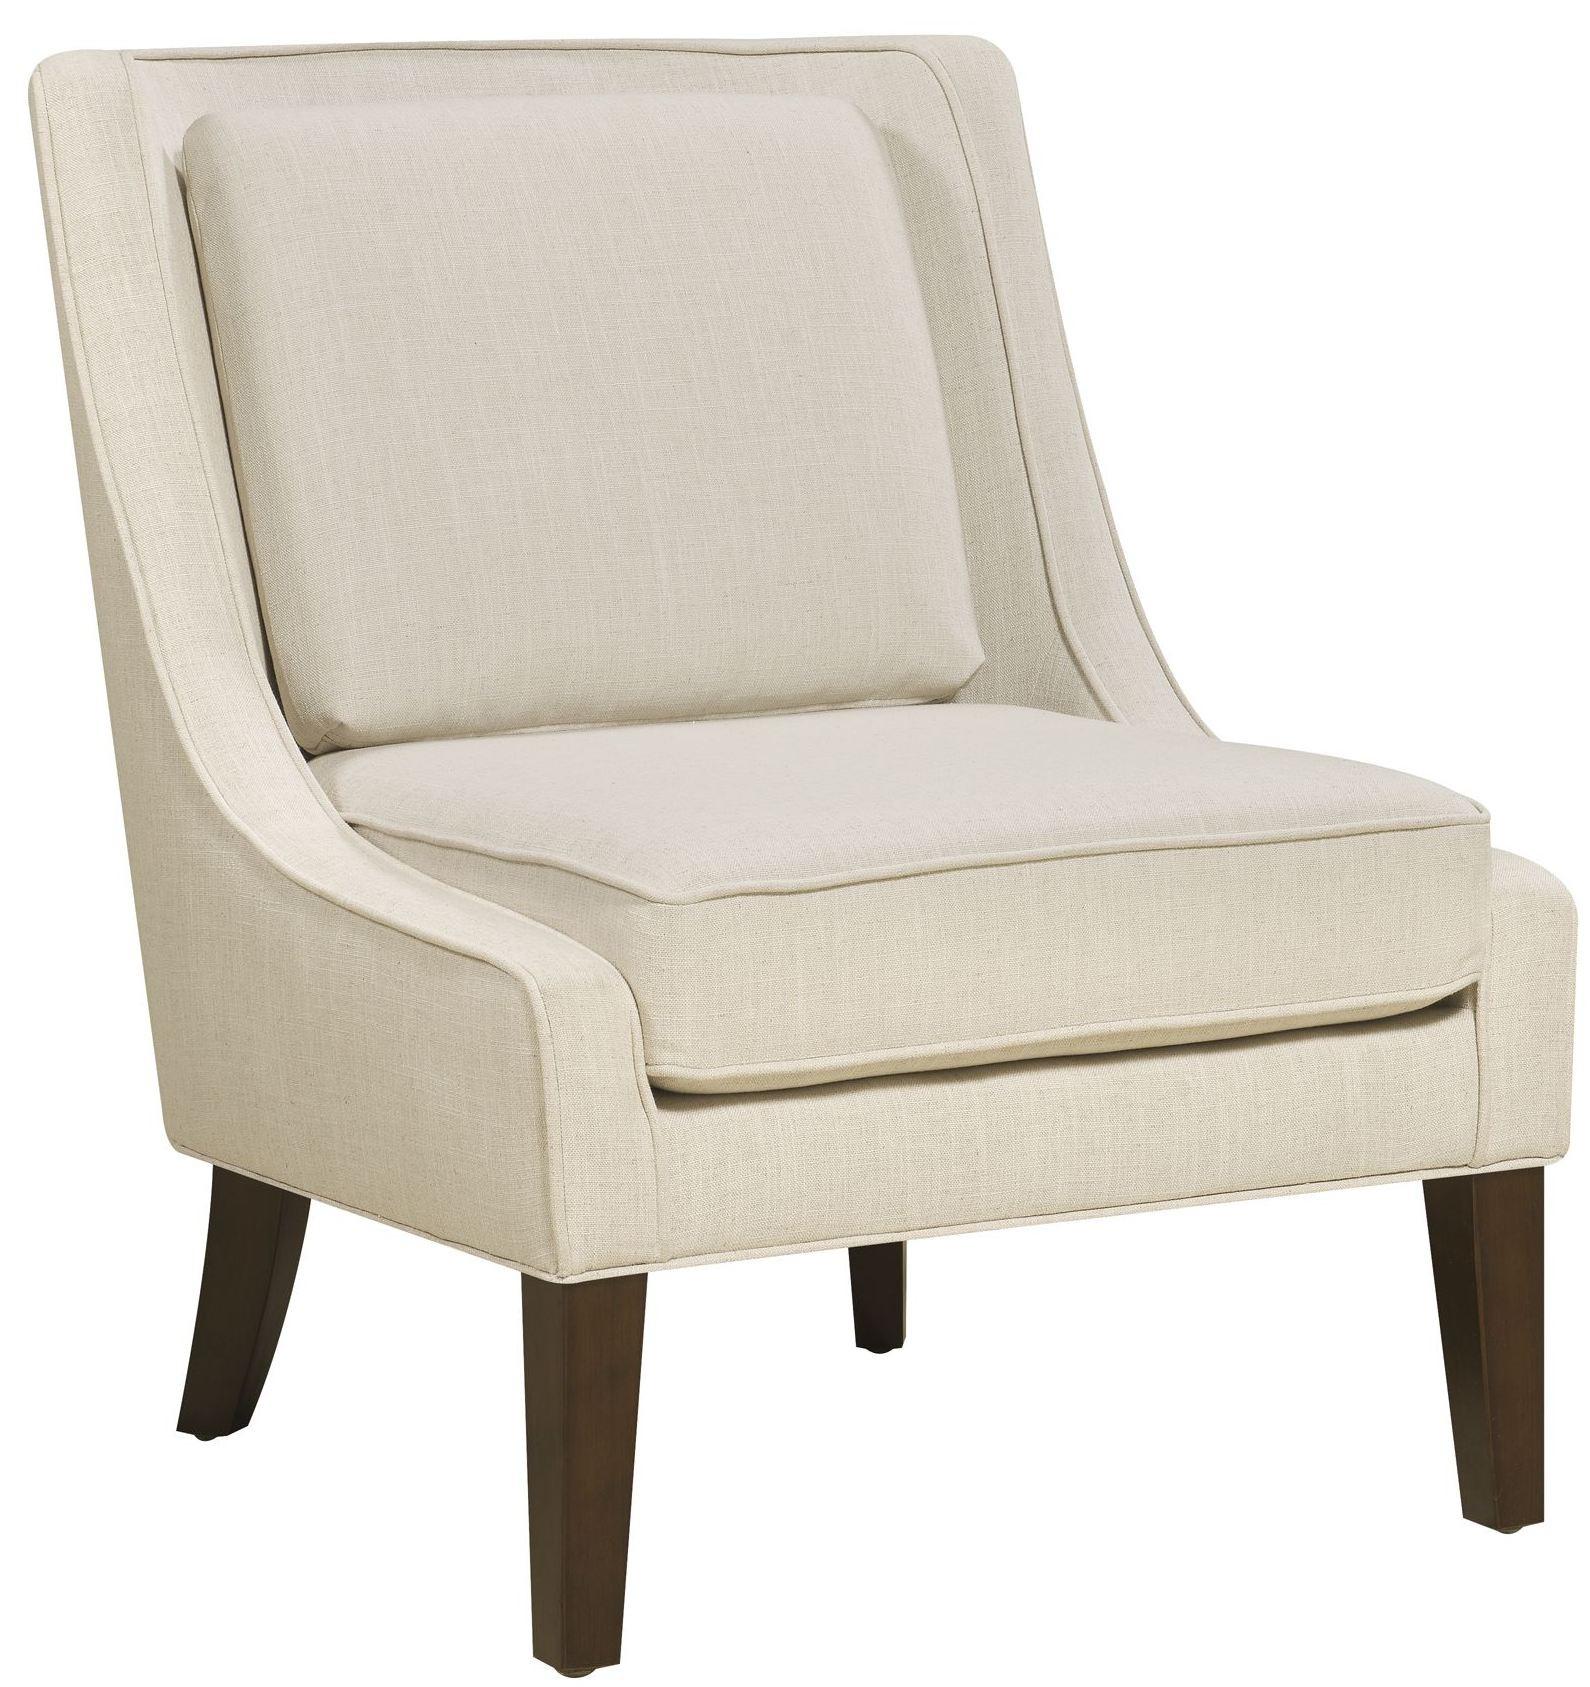 Celine Flour Linen Accent Chair DS A148 900 386 Pulaski